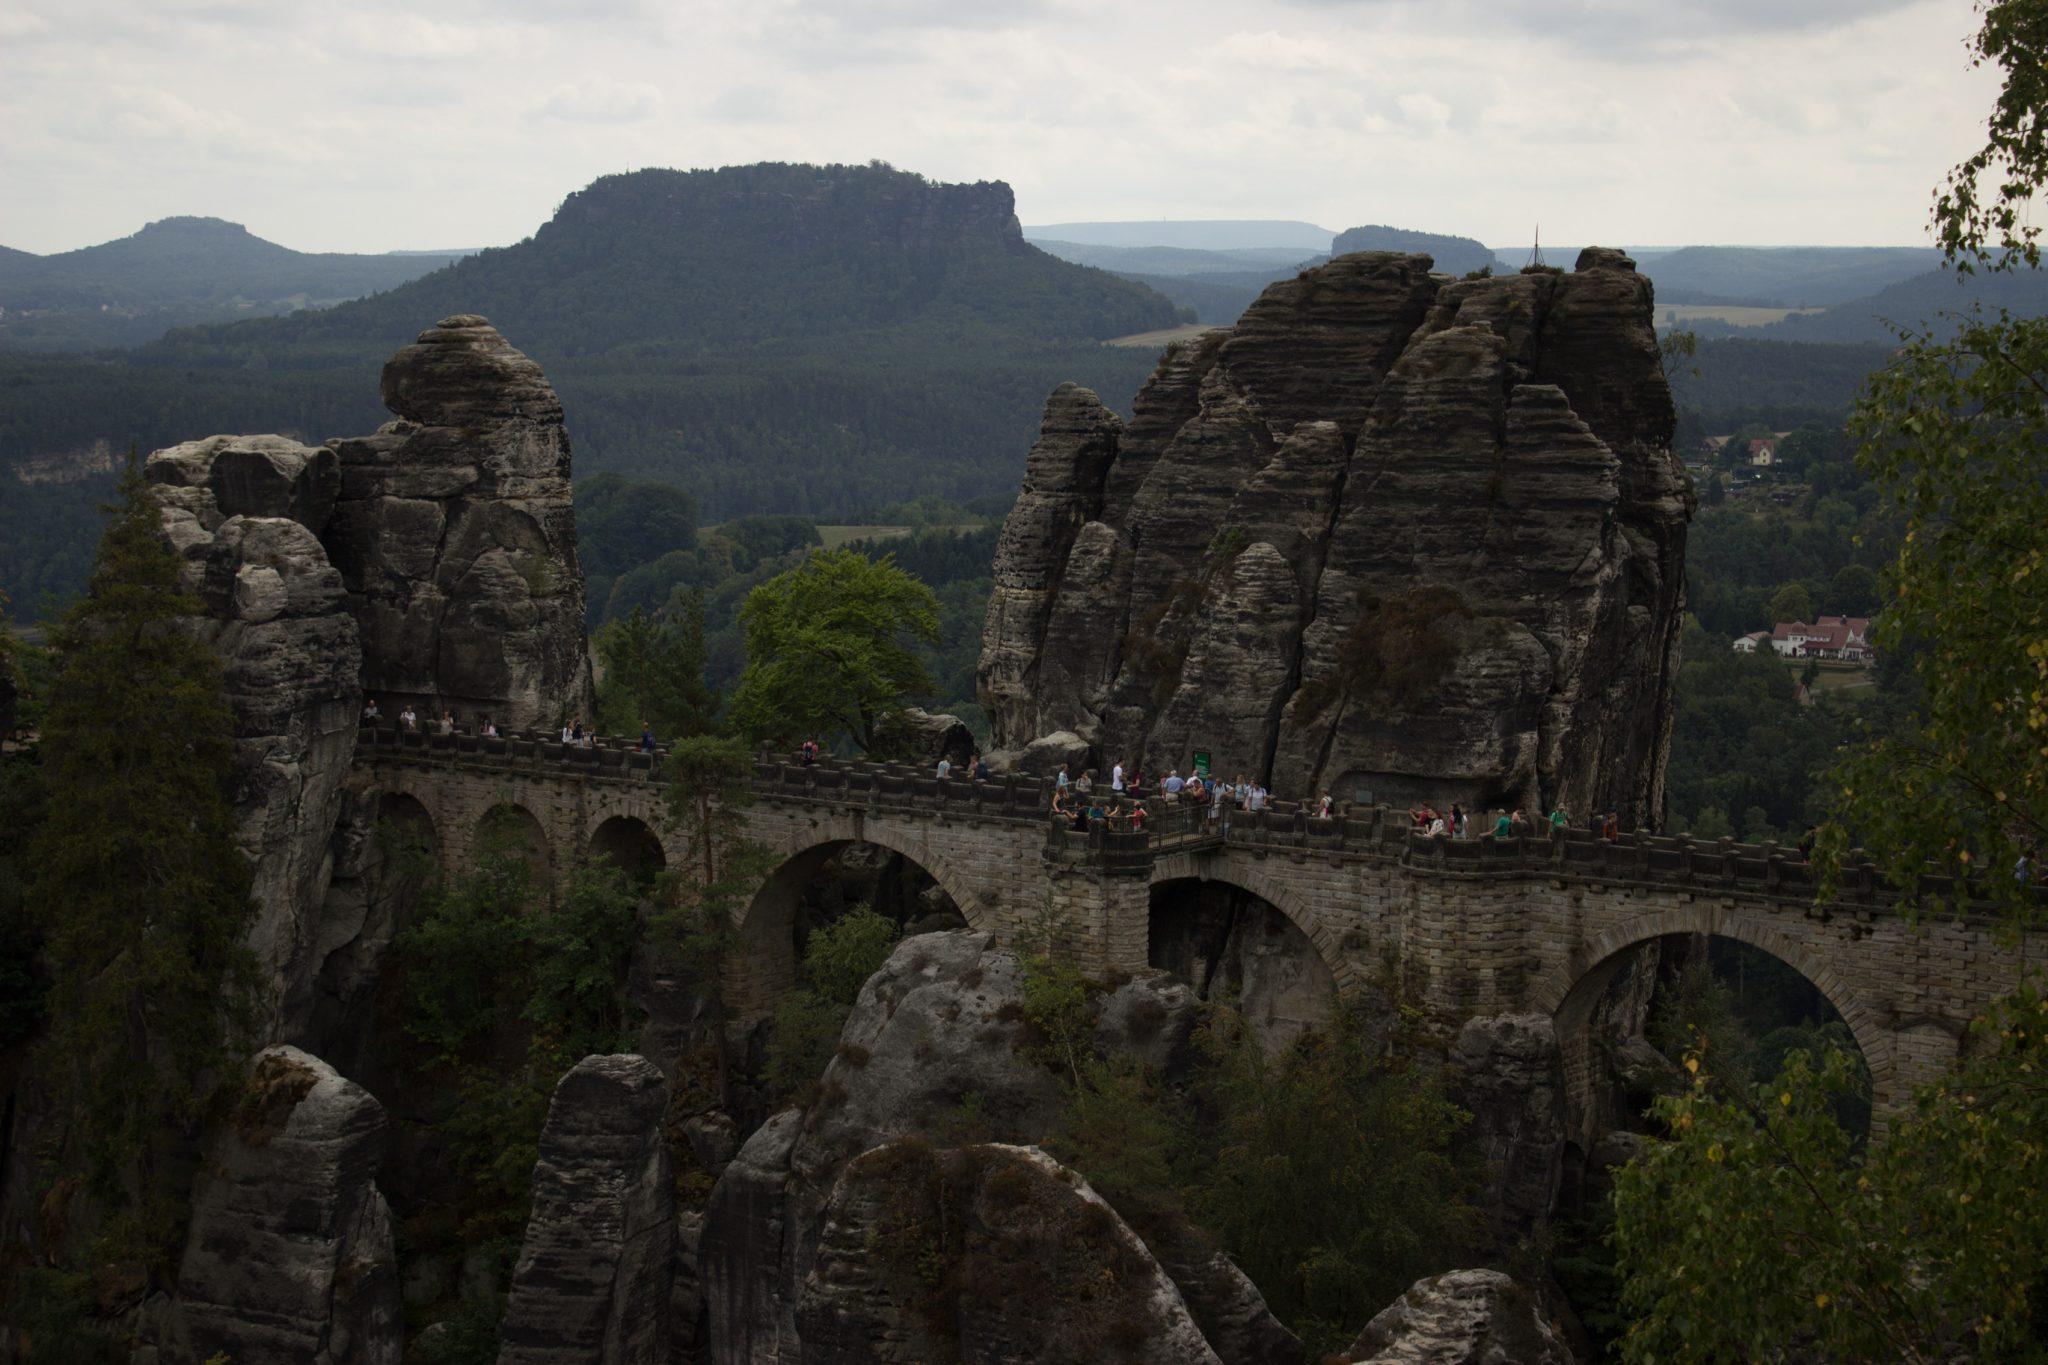 Wanderung durch Polenztal zur Bastei und zu Schwedenlöcher, Aussicht auf die berühmte Basteibrücke, viele beeindruckende Felsen, weniger Menschen anzutreffen als gedacht, Wanderparadies sächsische Schweiz